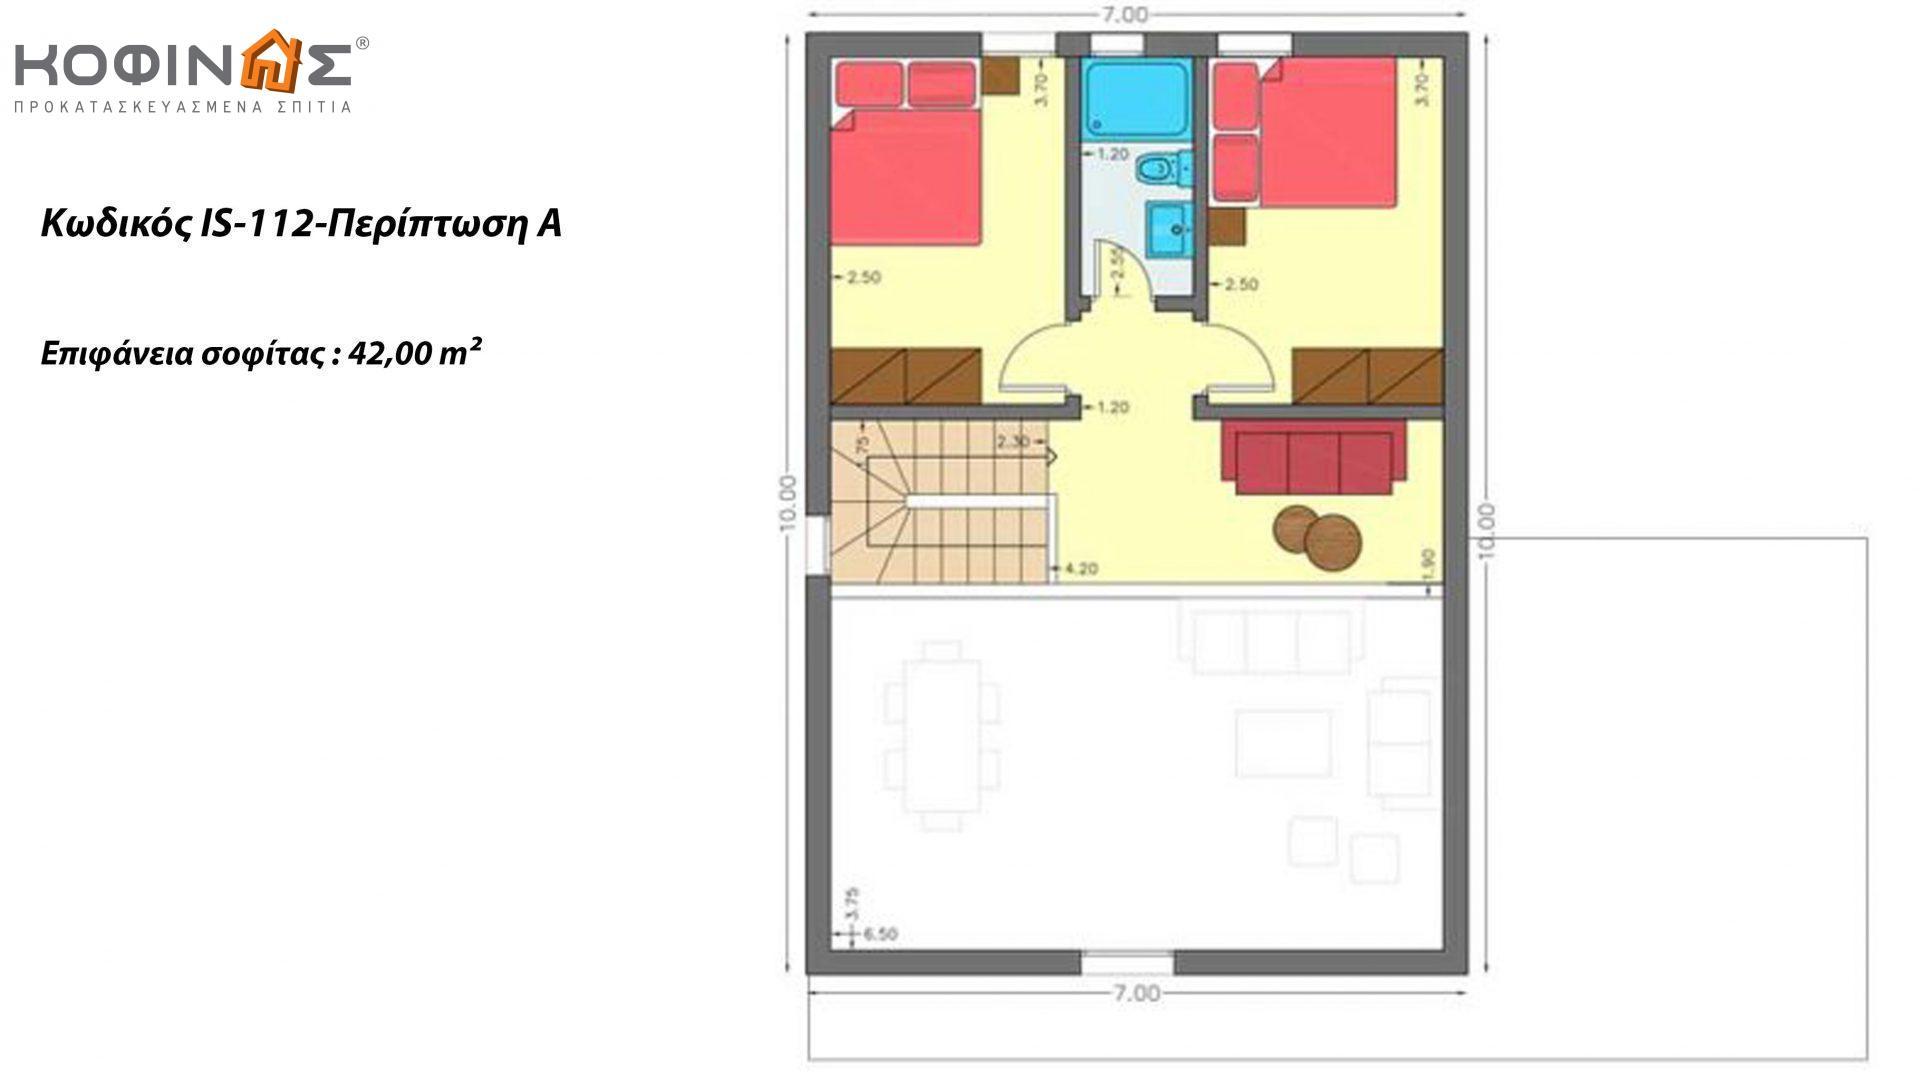 Ισόγεια Κατοικία με Σοφίτα IS-112, συνολικής επιφάνειας 112,00 τ.μ. ,συνολική επιφάνεια στεγασμένων χώρων 6,30 τ.μ.